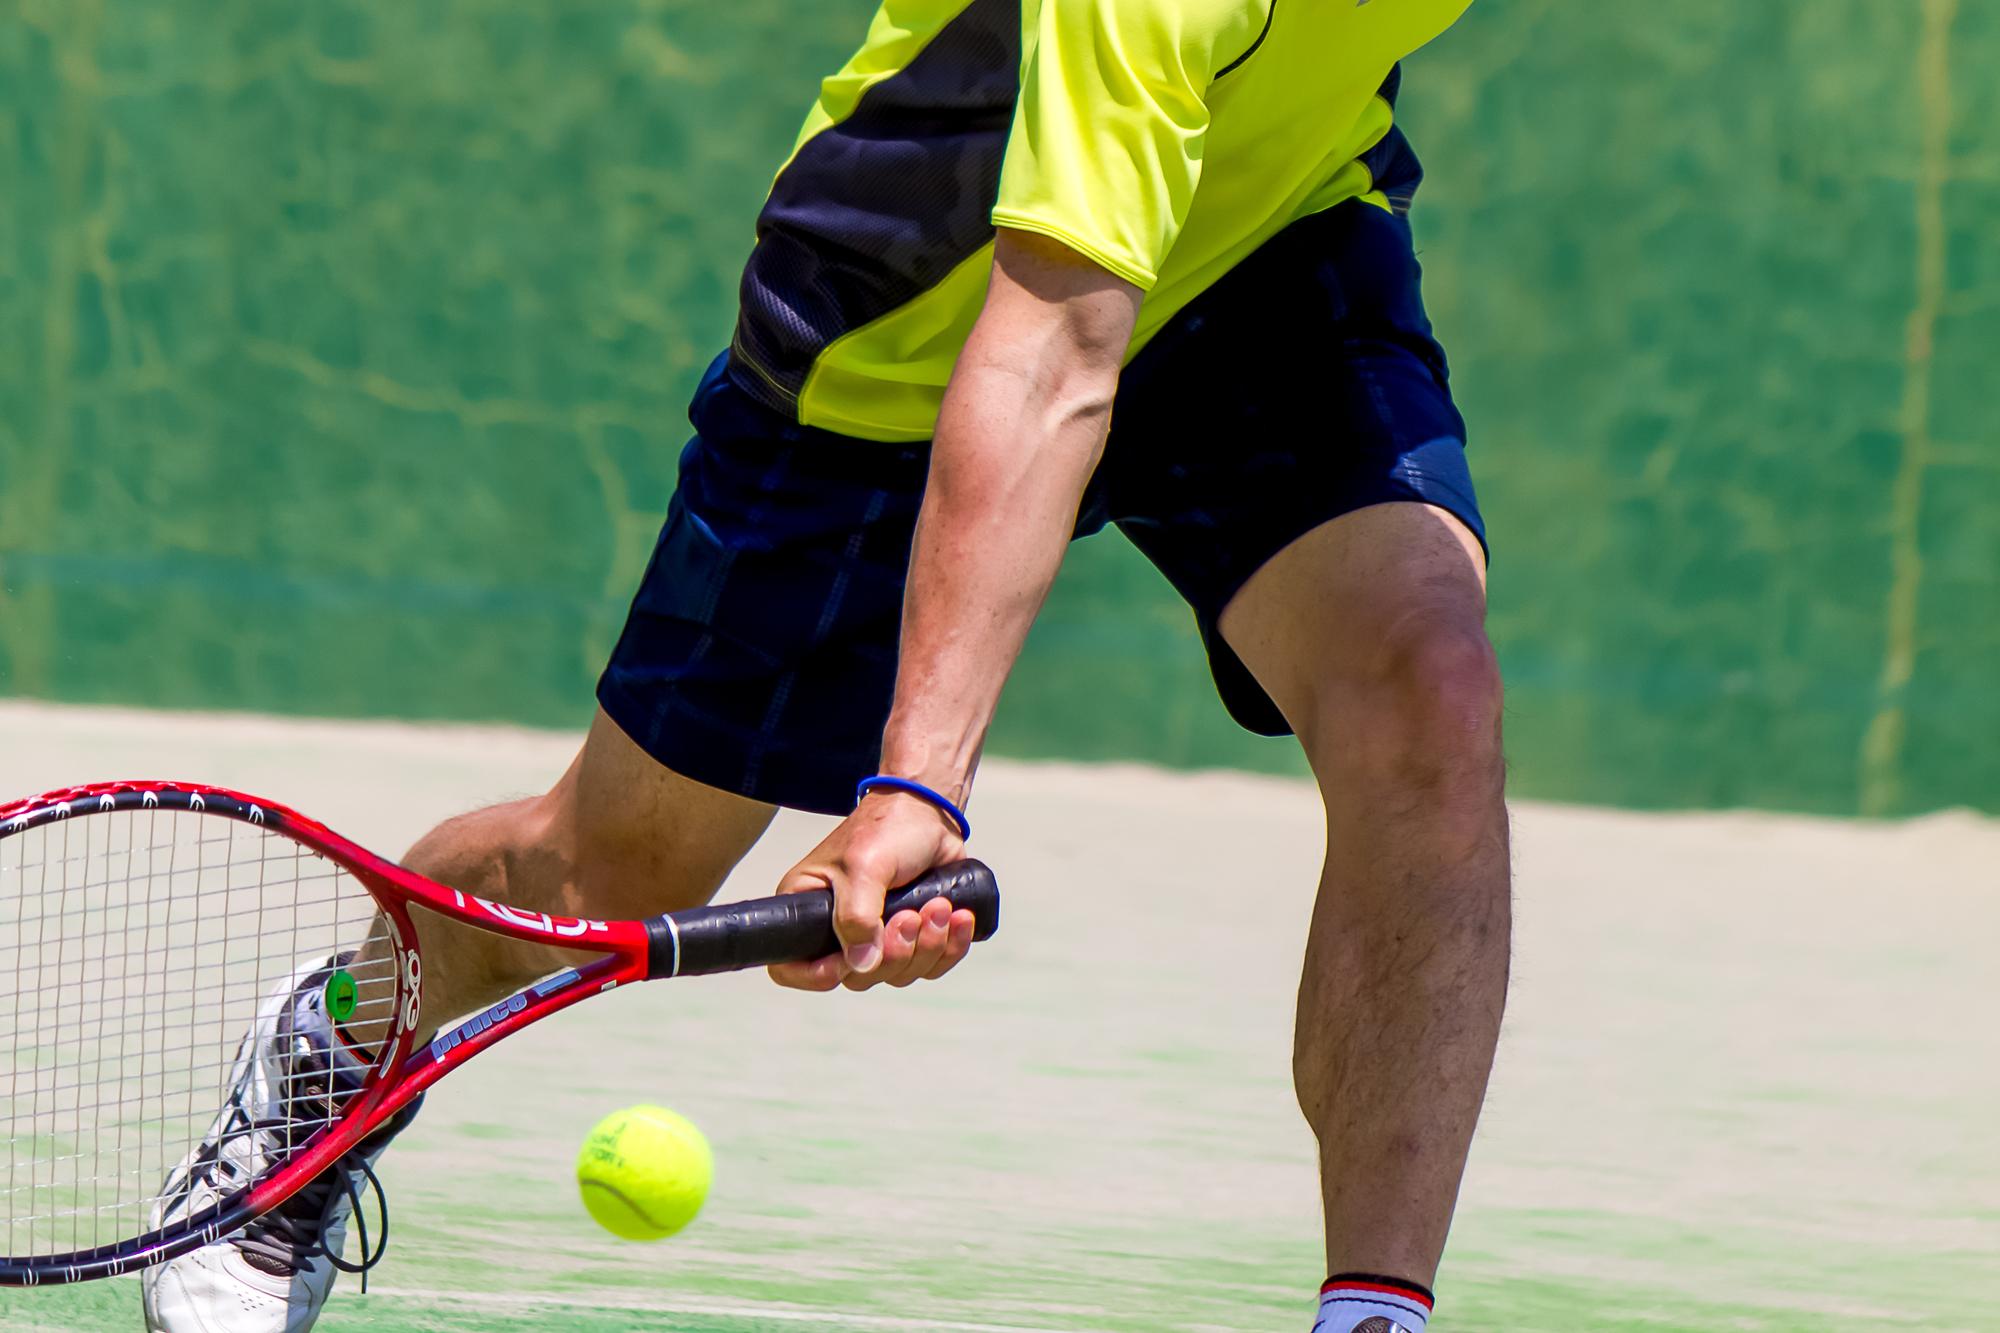 半蔵門の整体院「ほぐすん」ではテニス肘の原因を究明